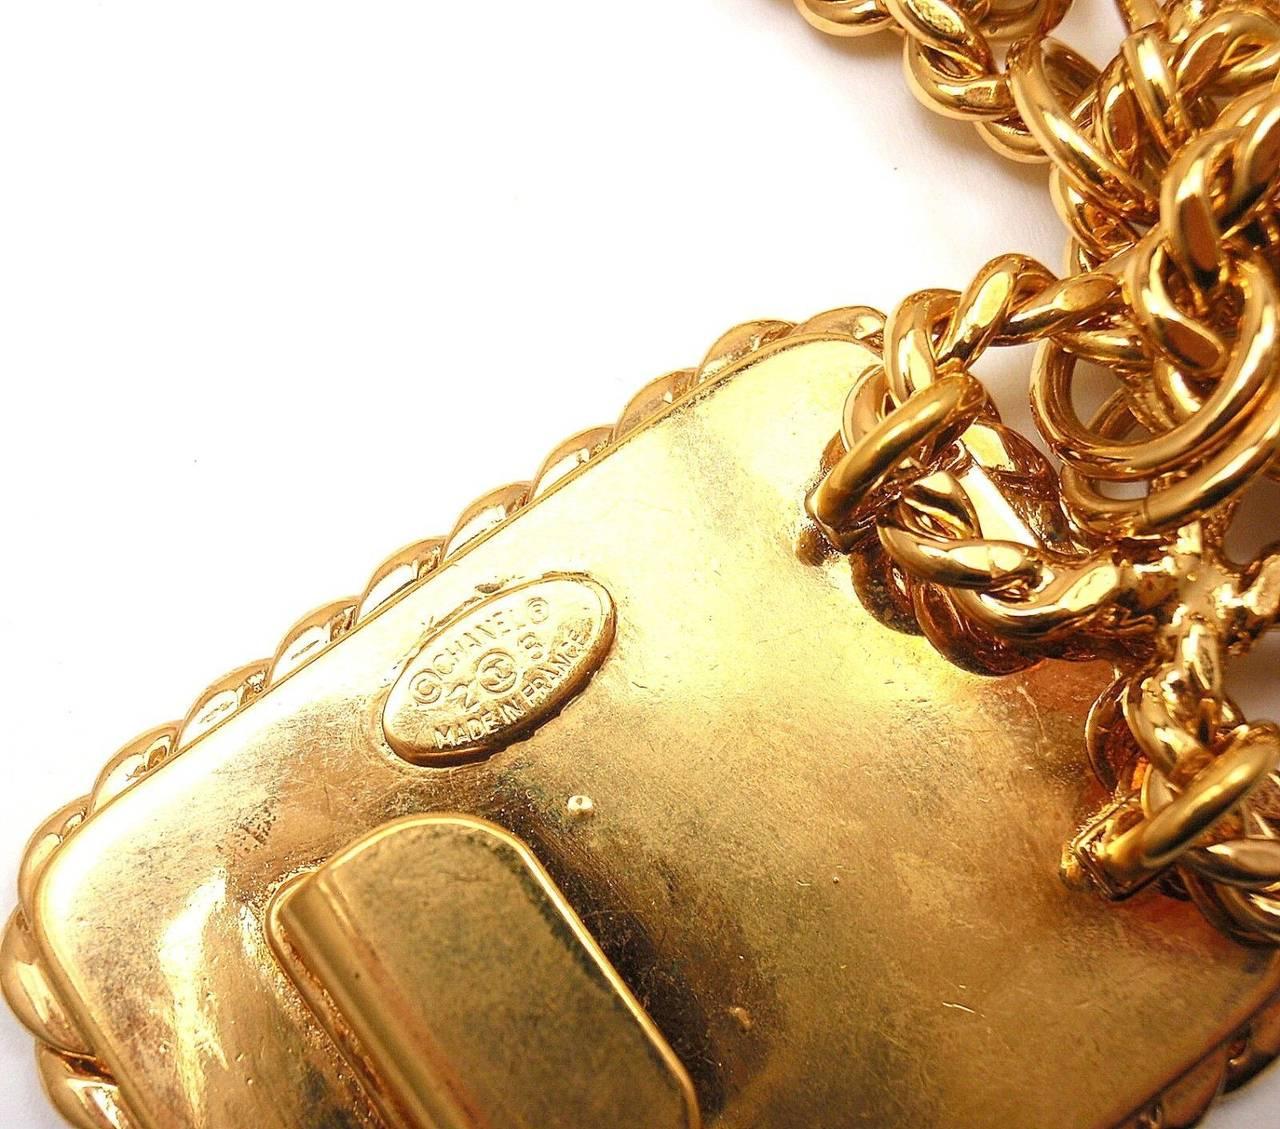 CHANEL Vintage French Signature Black Leather Belt Buckle Belt 6